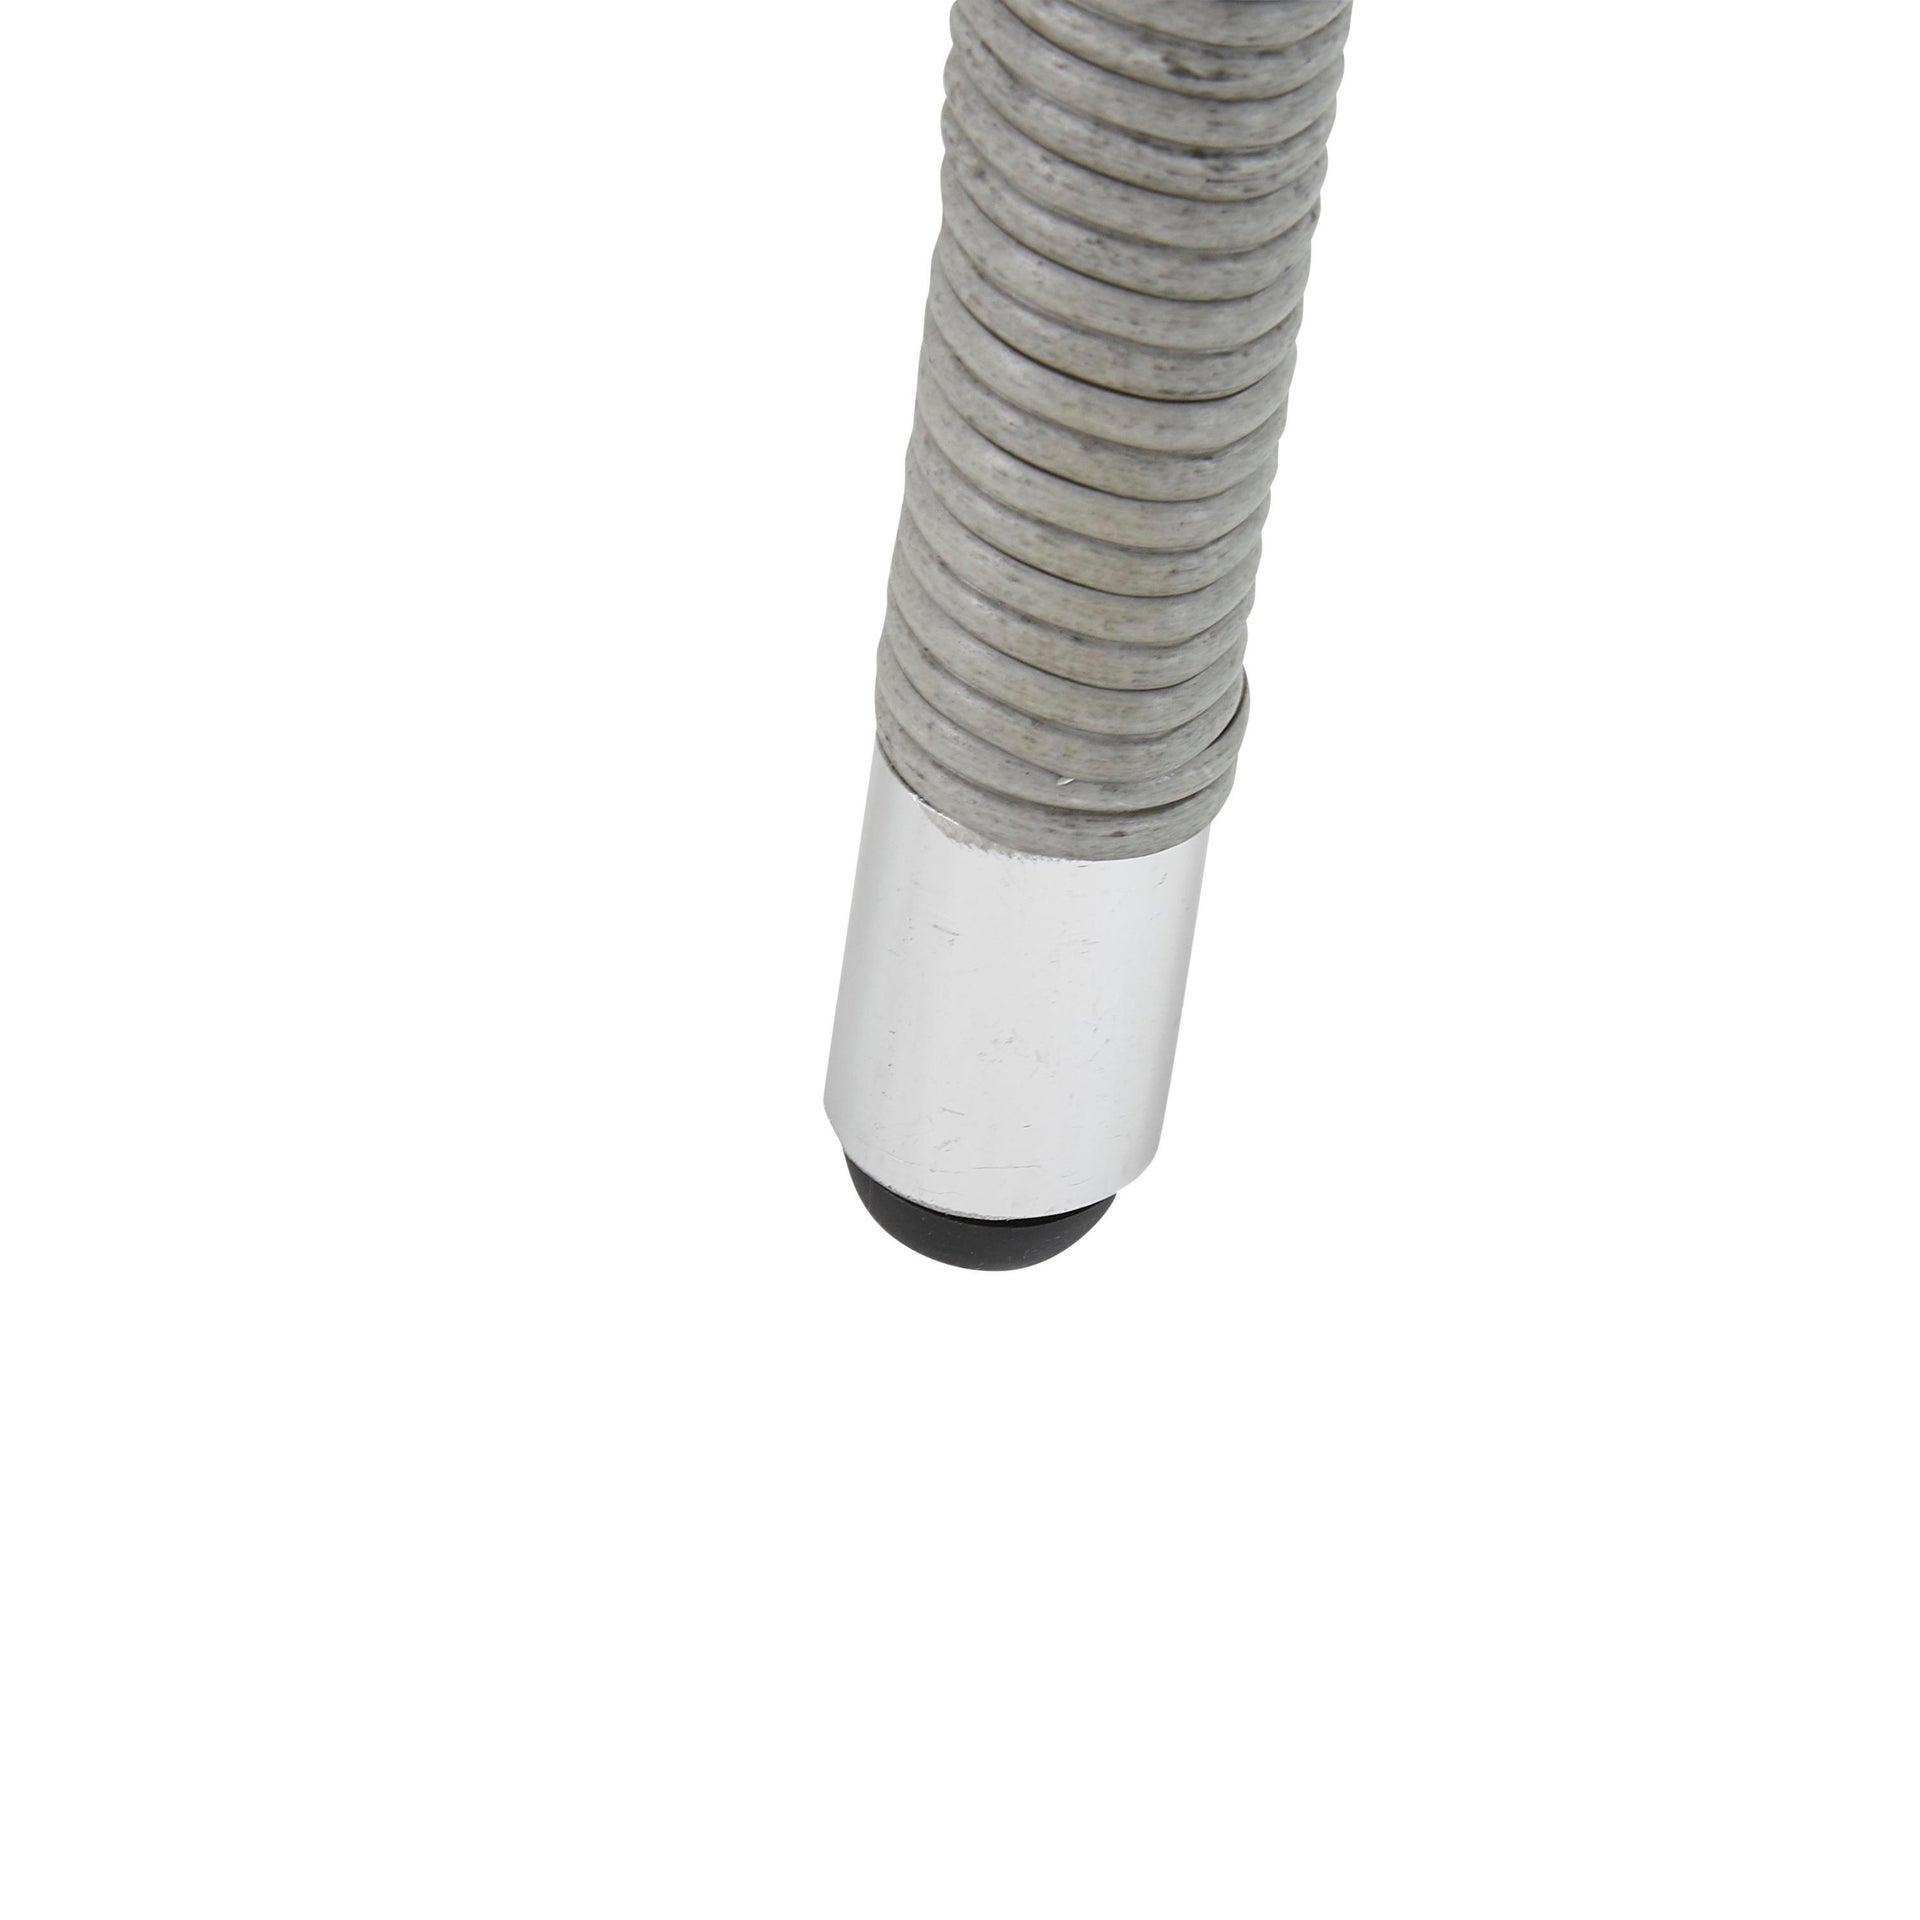 Poltrona da giardino con cuscino in alluminio Davos NATERIAL colore antracite - 4